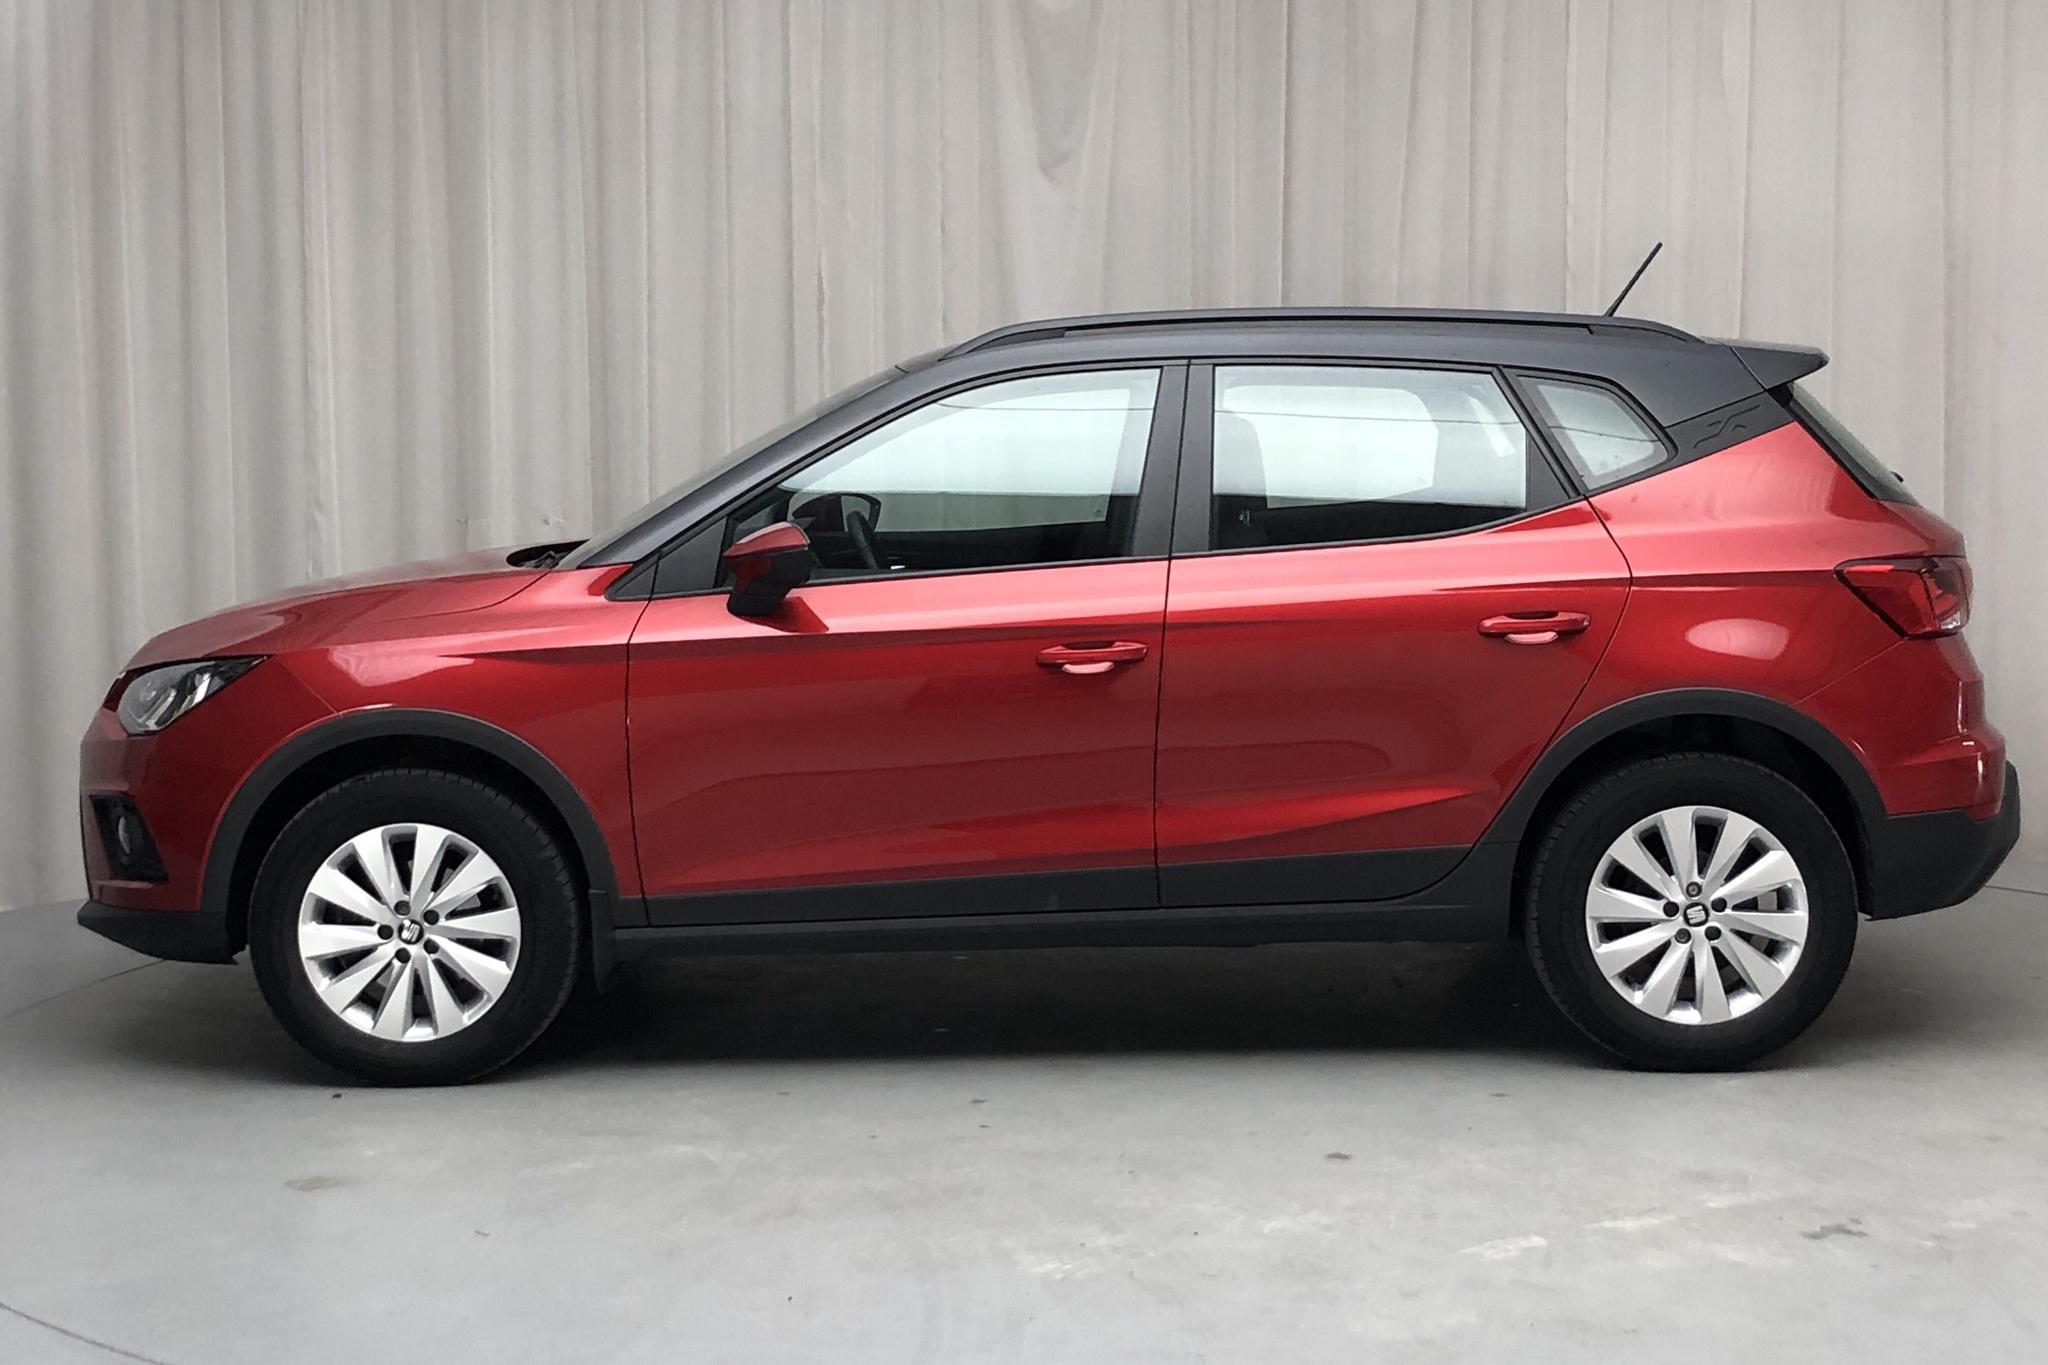 Seat Arona 1.0 TSI 5dr (95hk) - 30 370 km - Manual - red - 2018